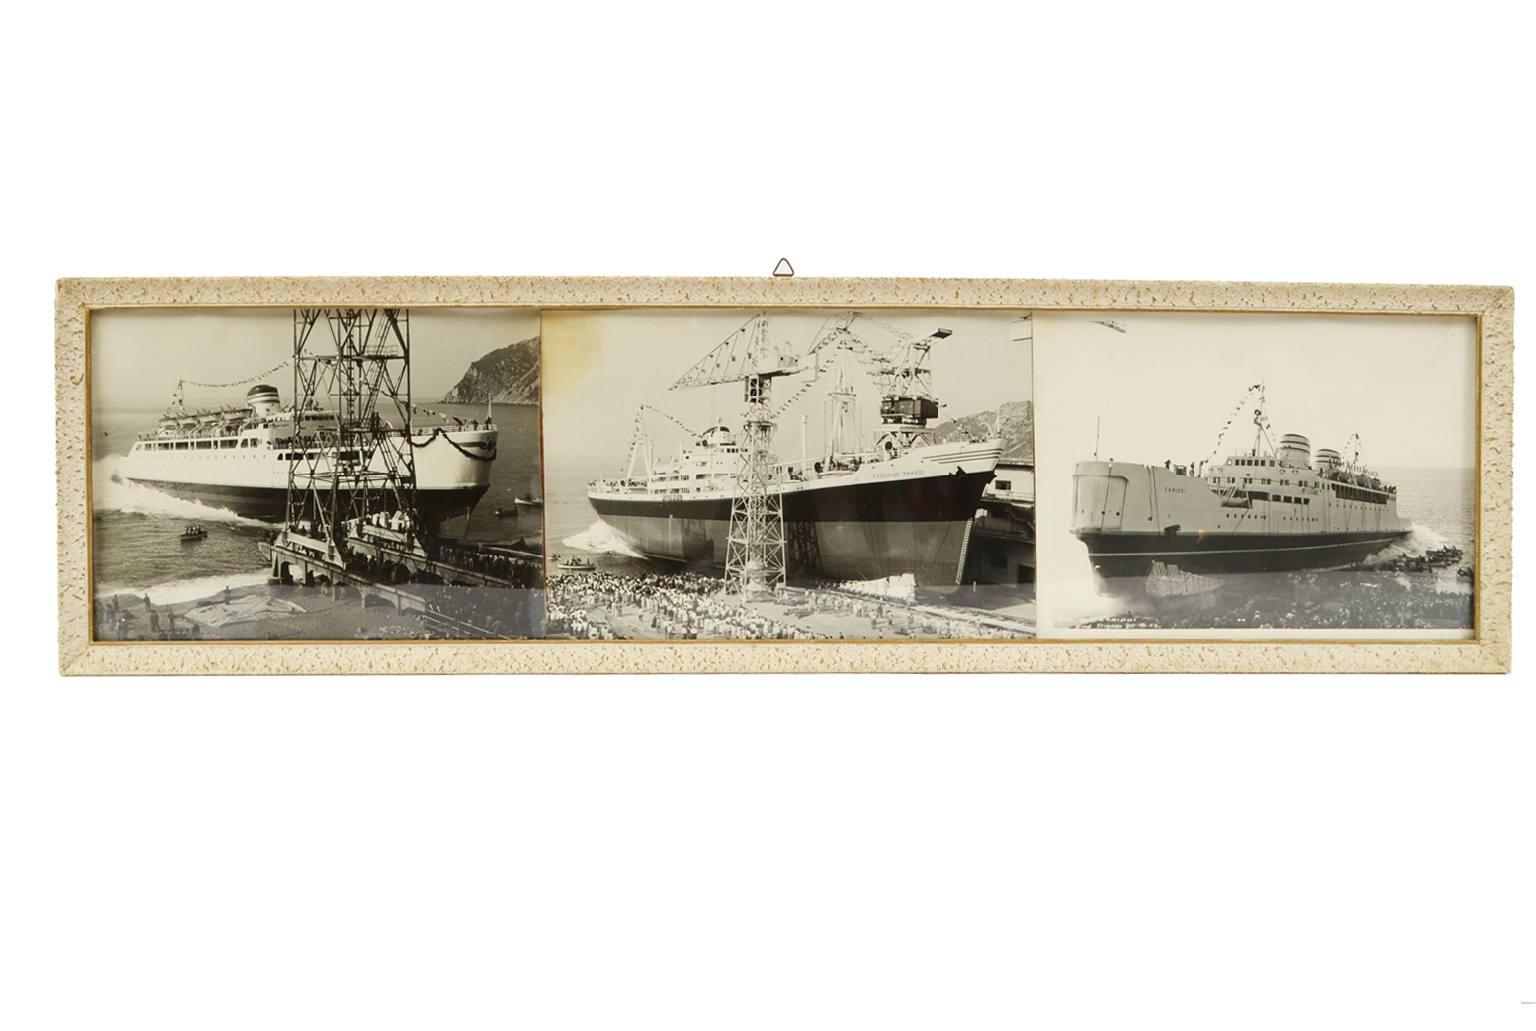 航海类古董/5497-船厂Riva Trigoso